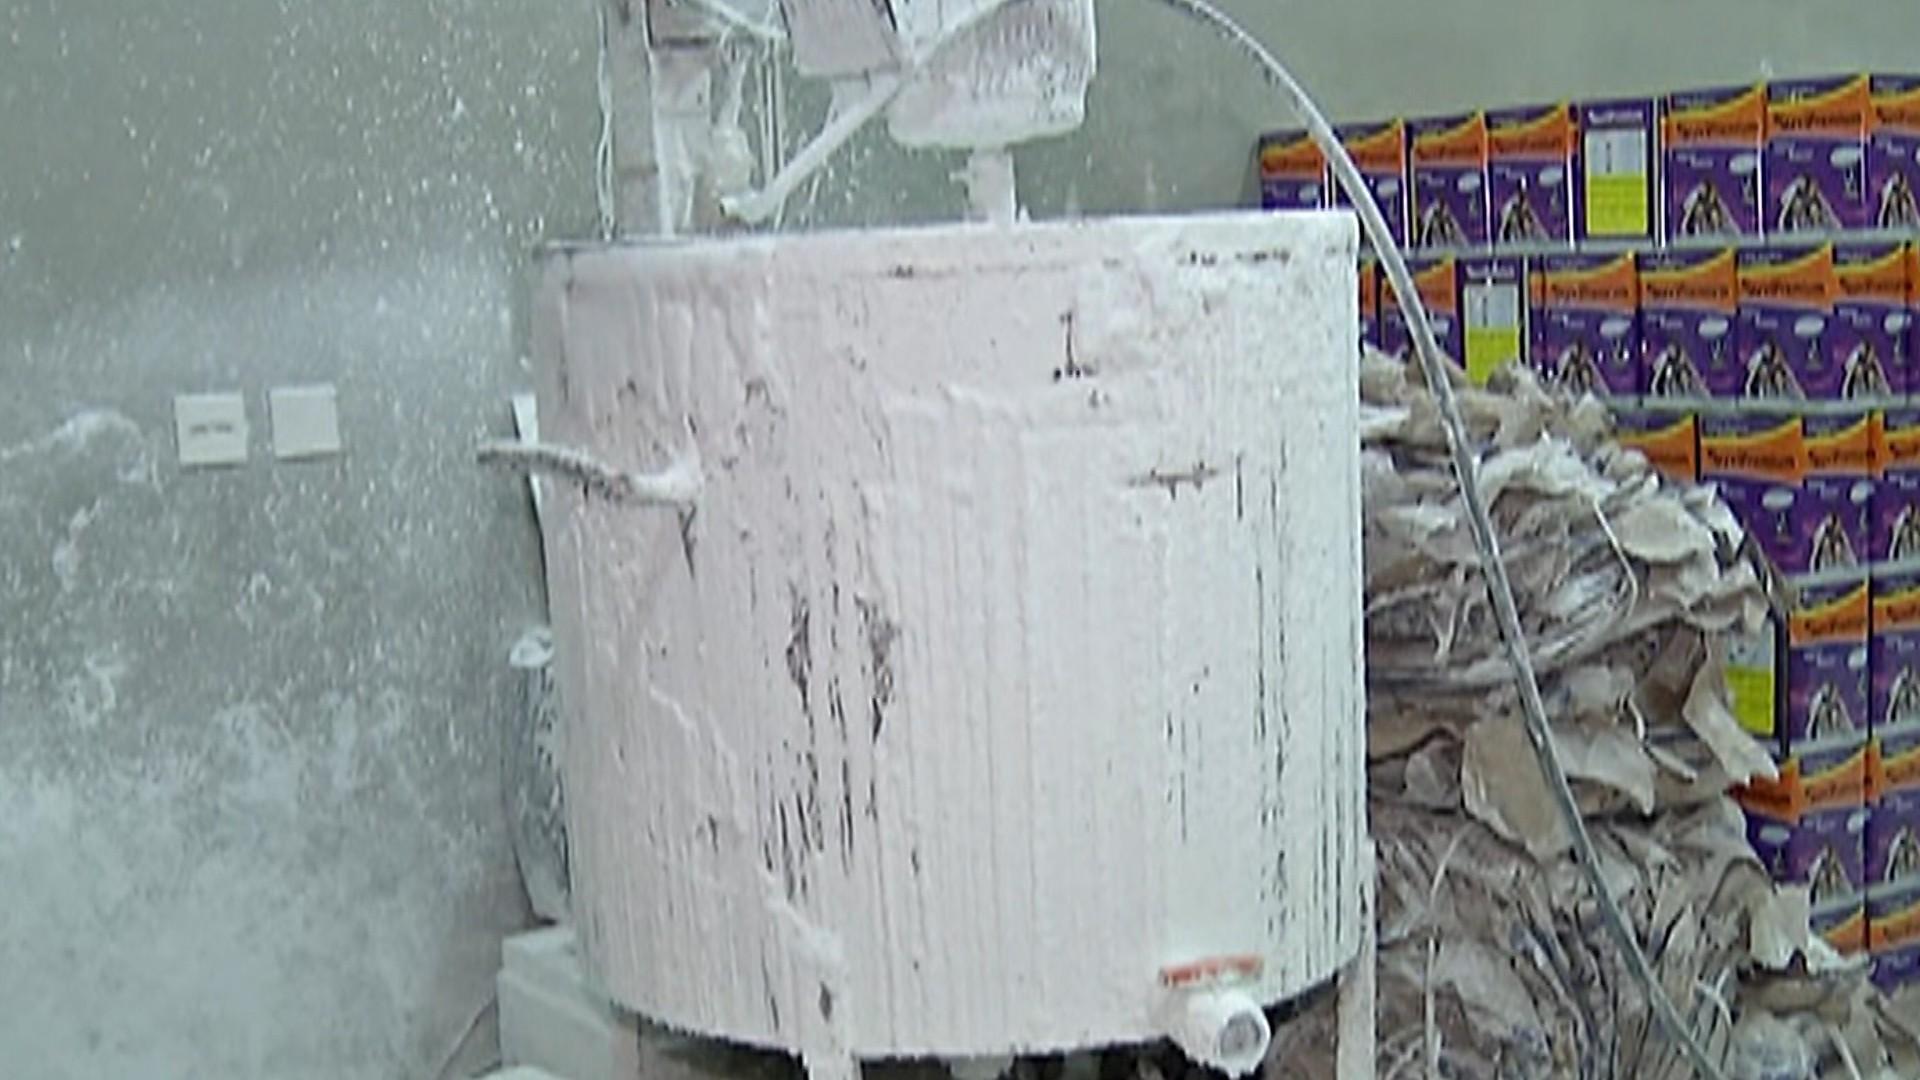 Polícia descobre segunda fábrica clandestina de tintas em Mogi em dois meses  - Notícias - Plantão Diário